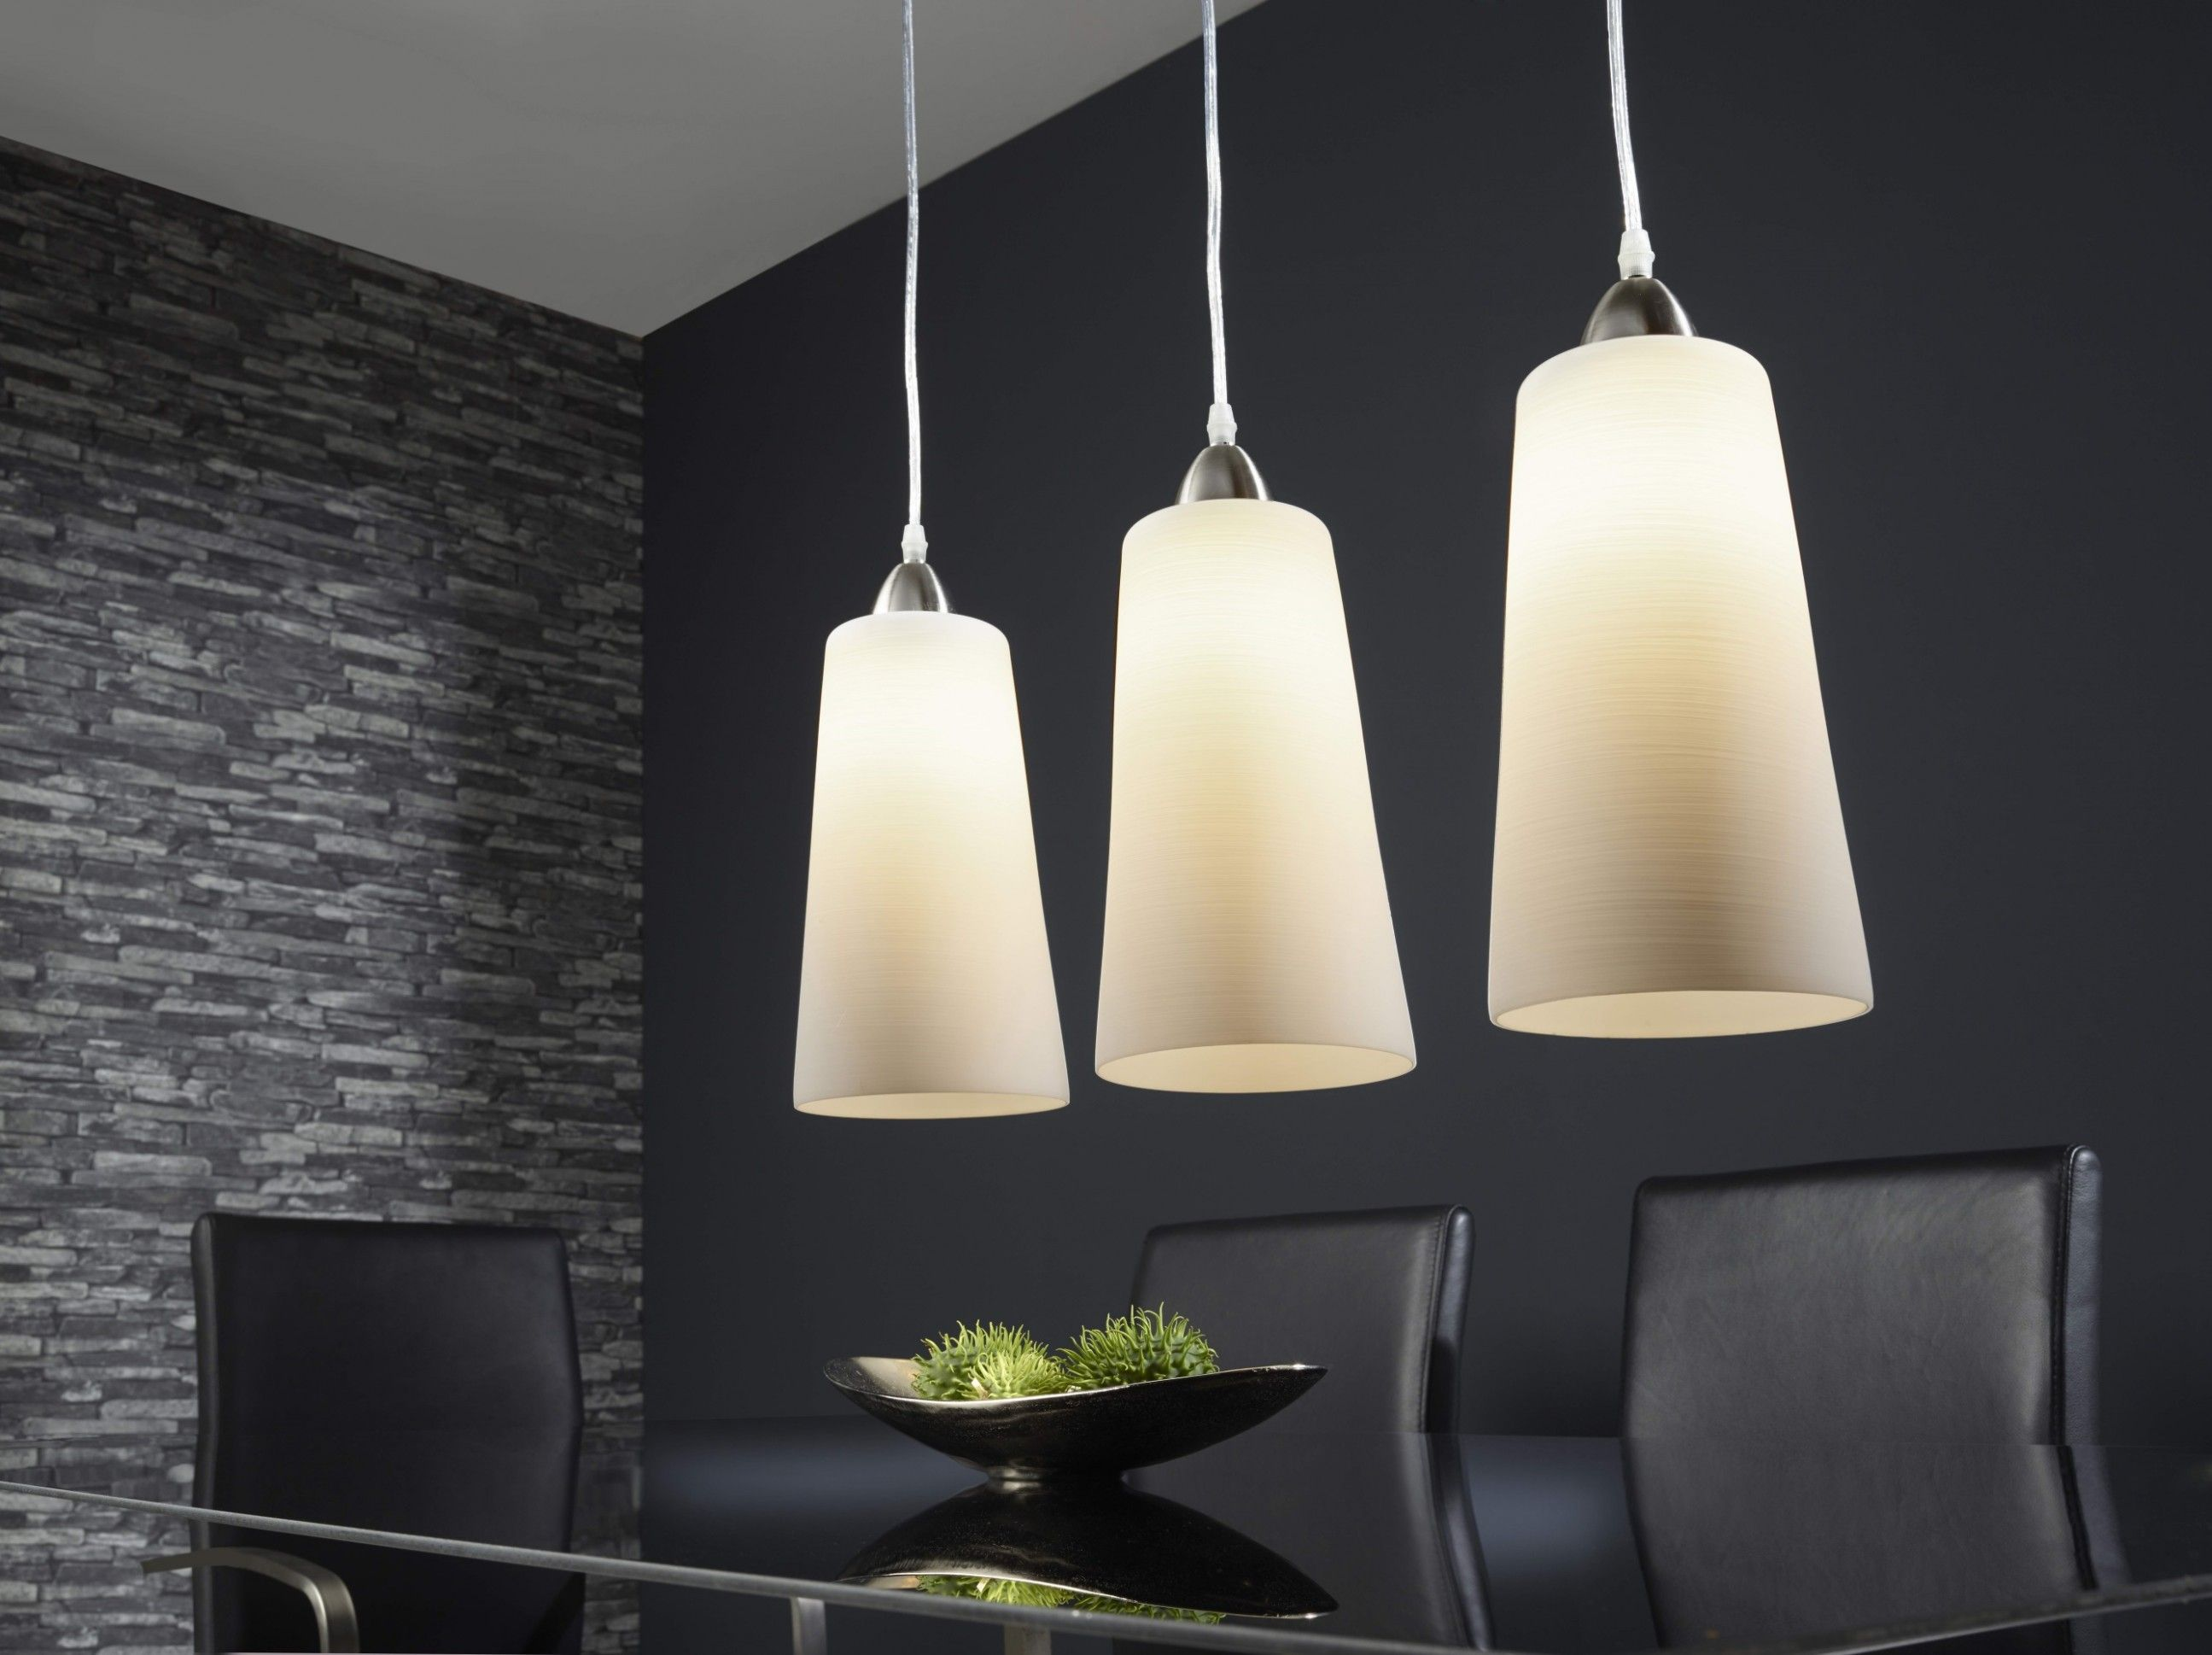 Wohnzimmer Lampe Wieviel Watt in 9  Lampe küche, Lampe, Küche obi